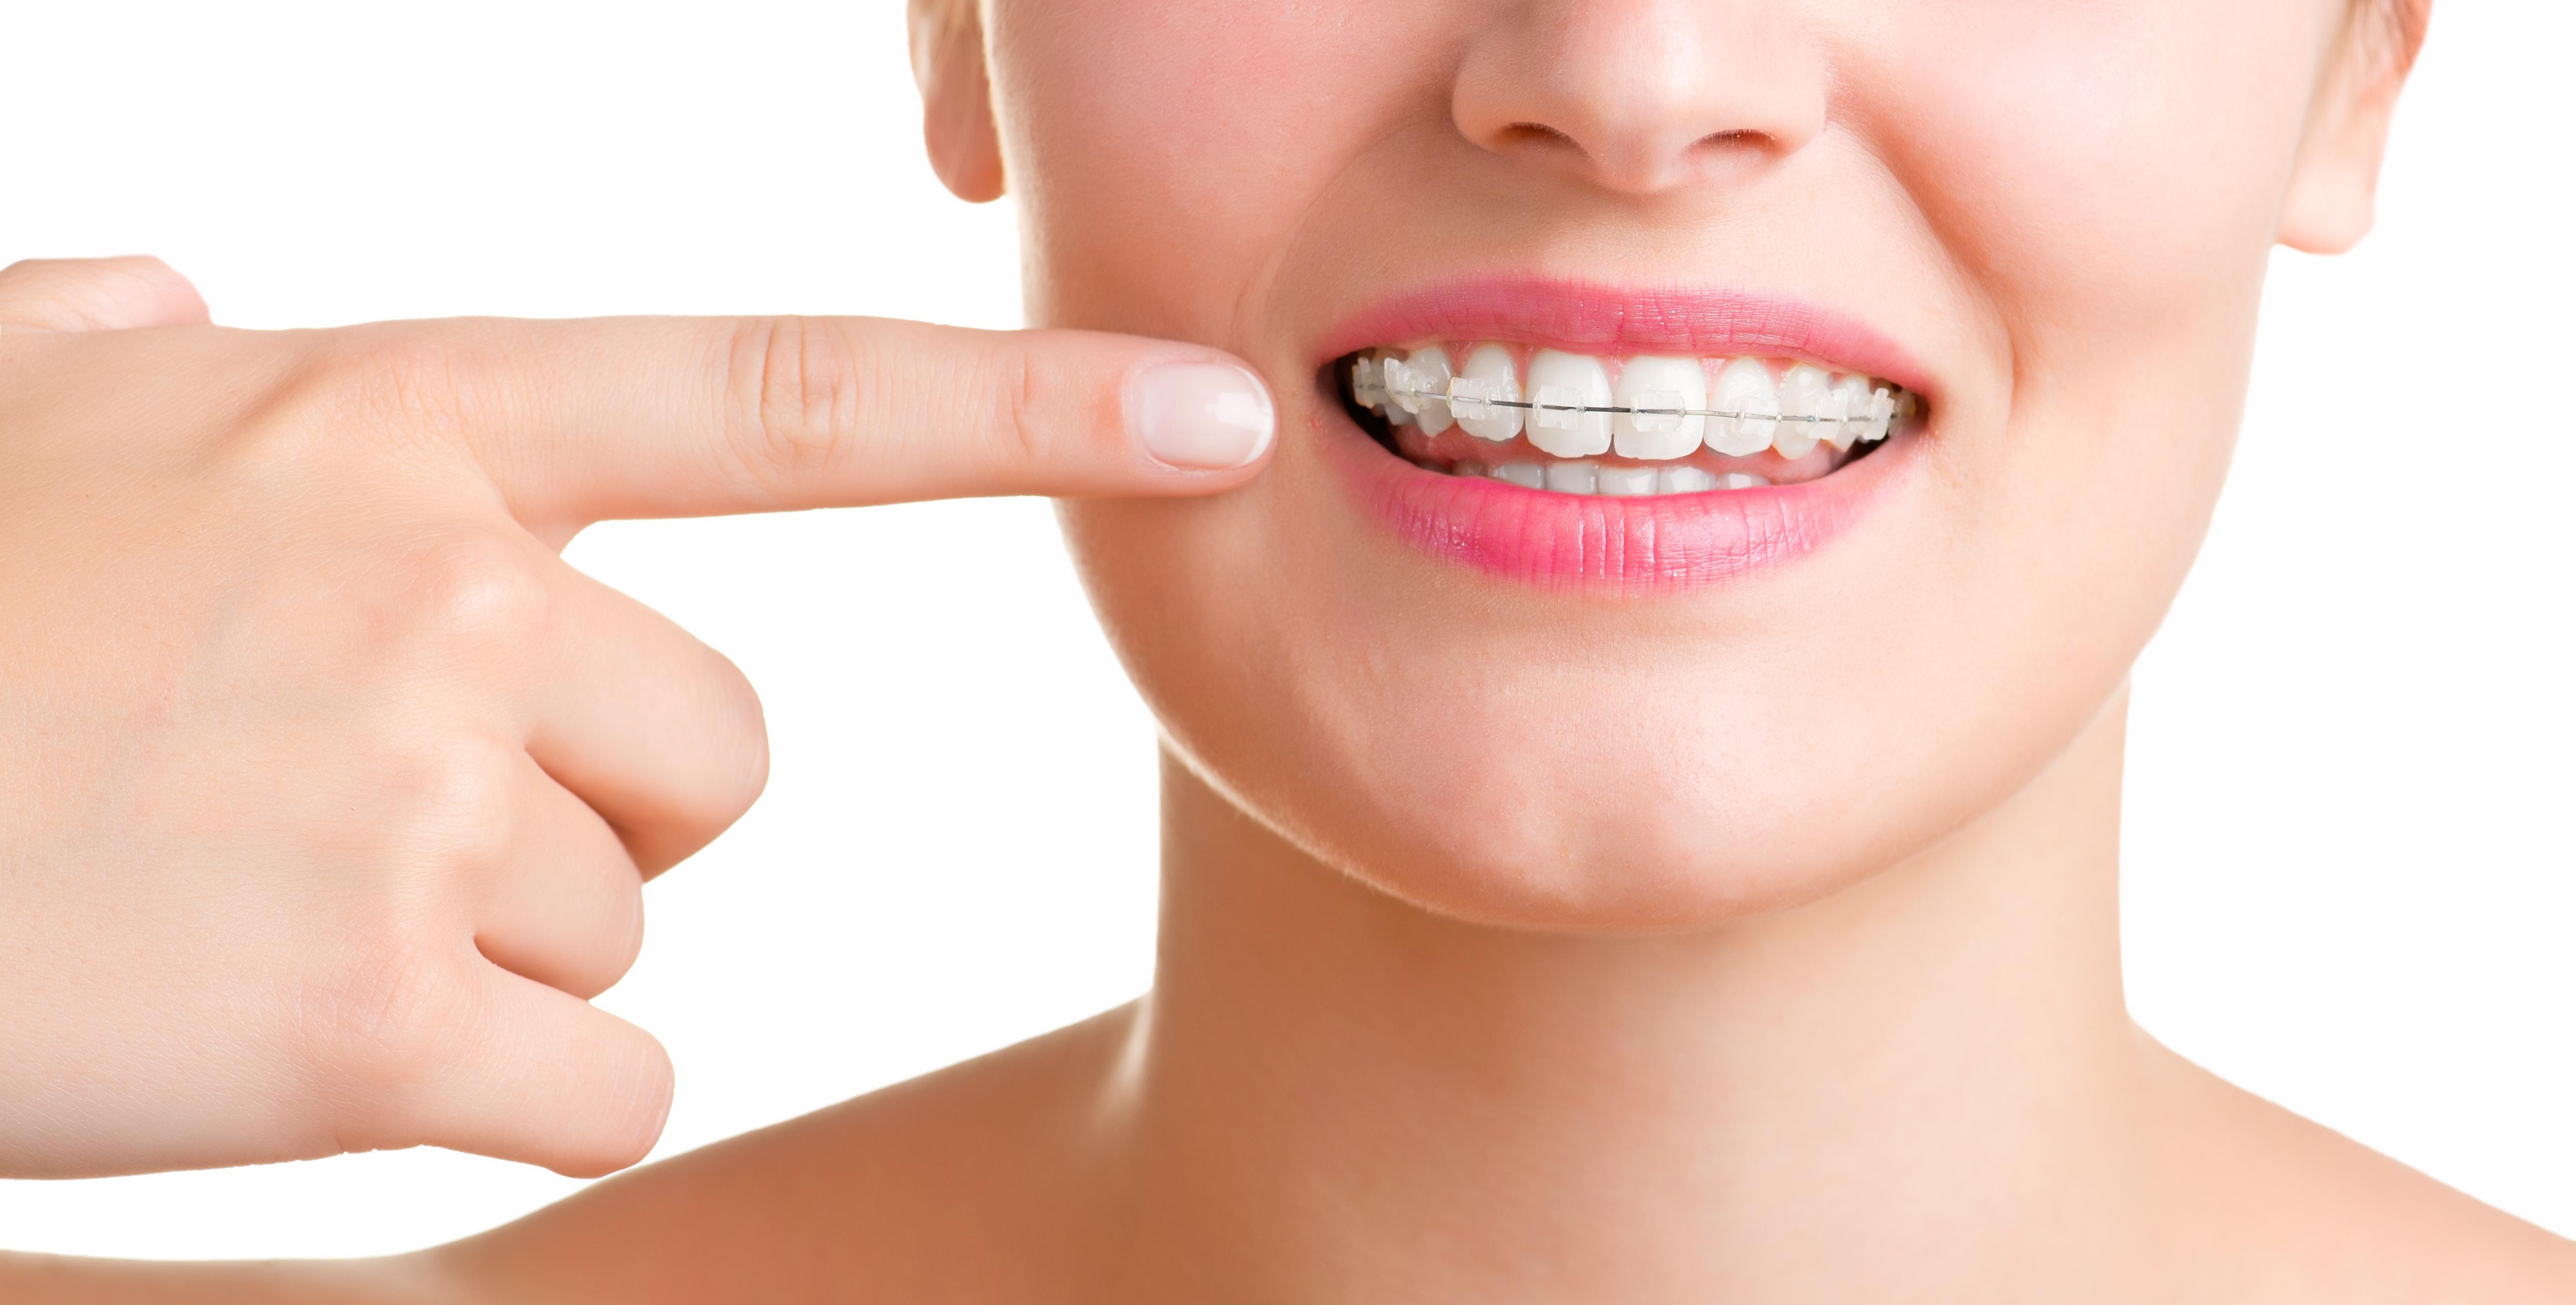 Исправление прикуса, выравнивание зубов. Стоматология